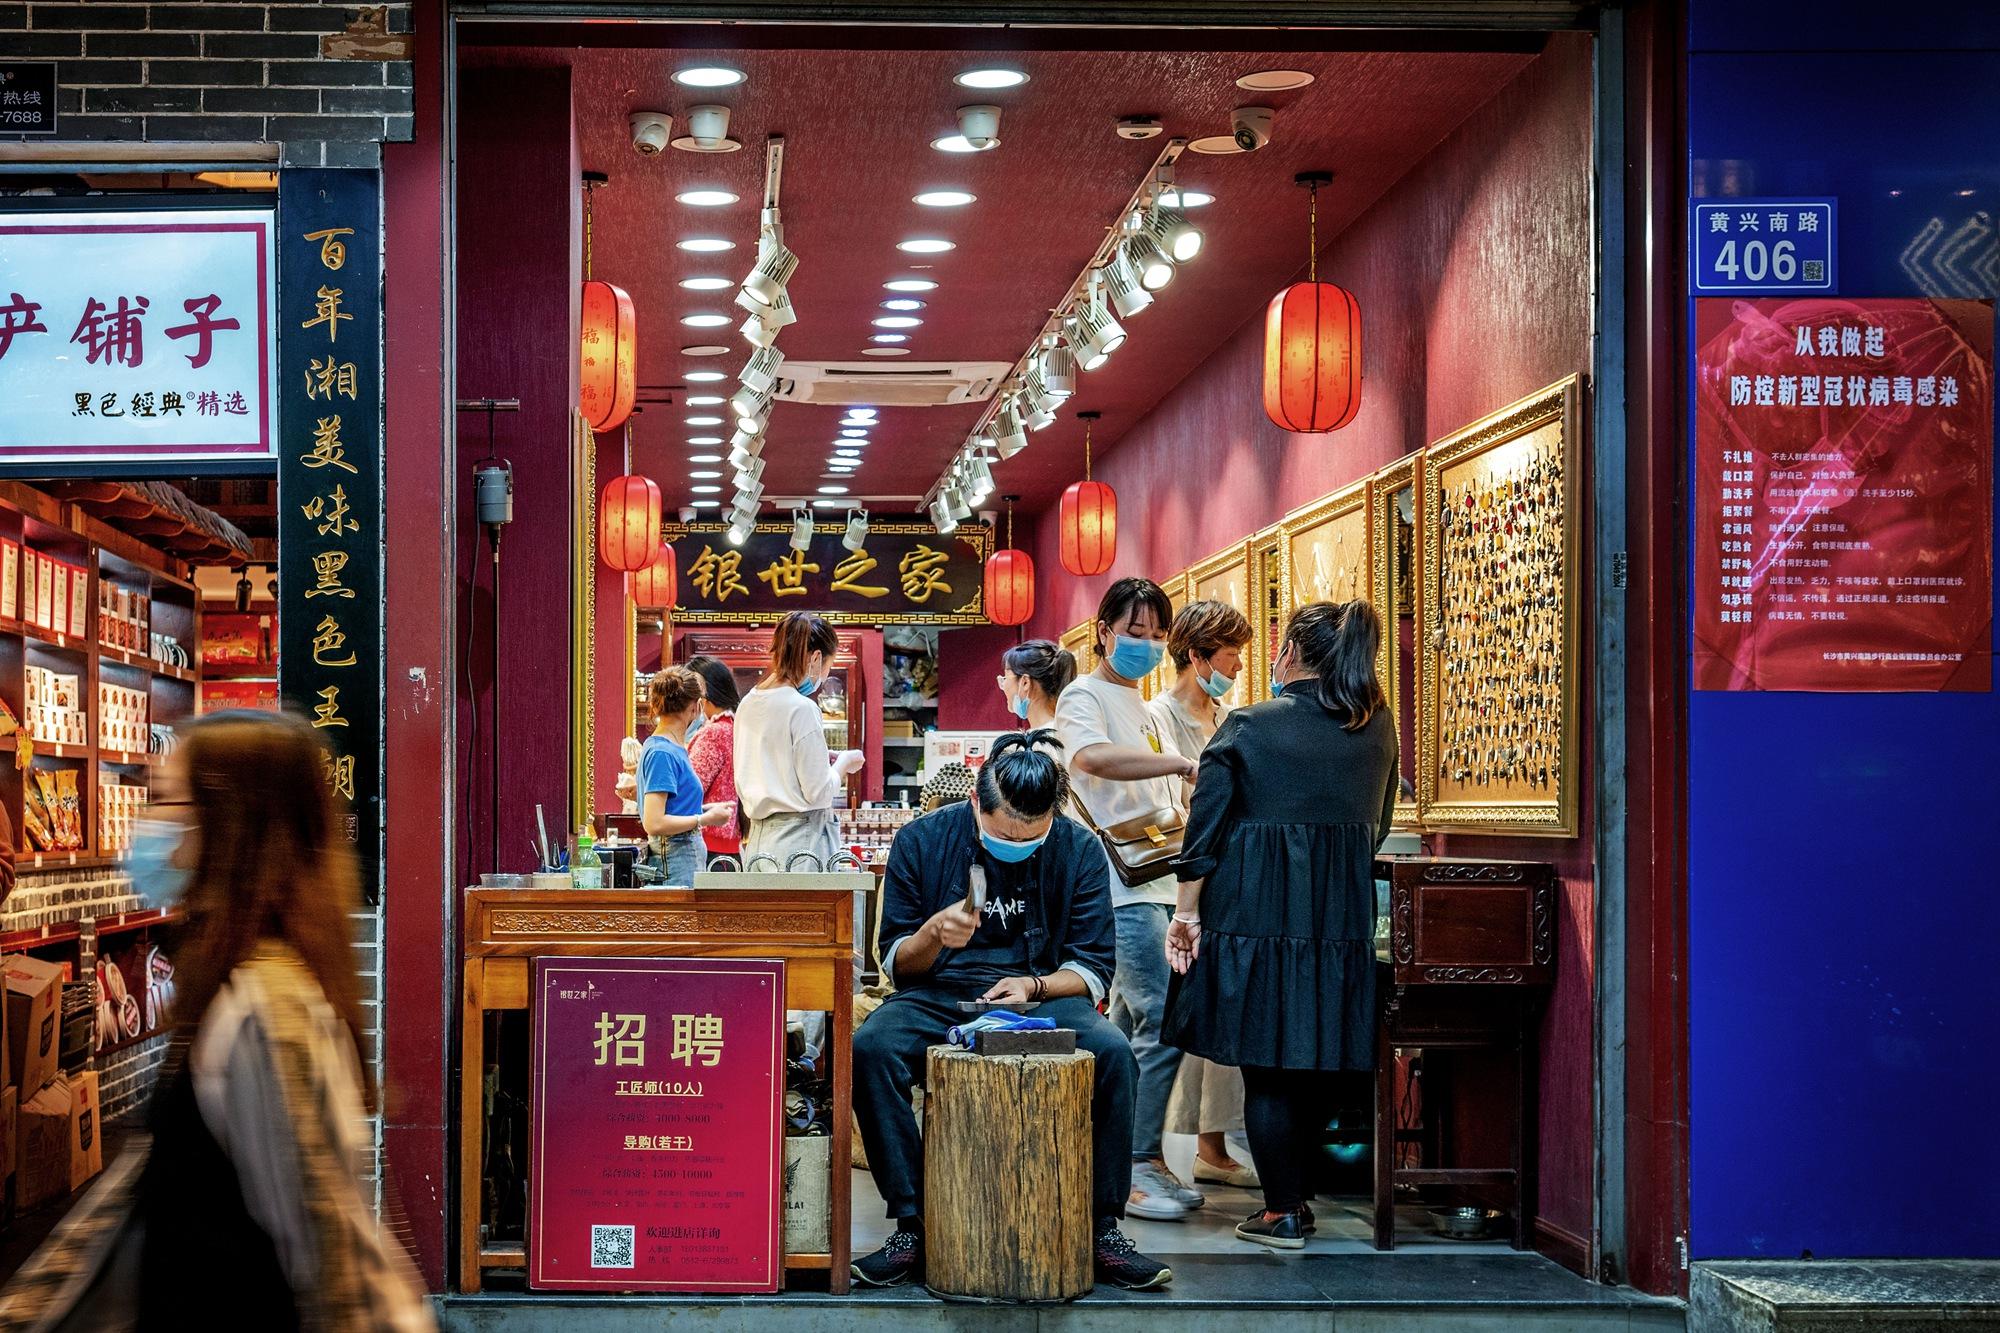 【30号作品:现场打制】 黄兴南路步行商业街不缺传统老手艺,帅气的银匠现场打制银饰品深受美女们青睐。